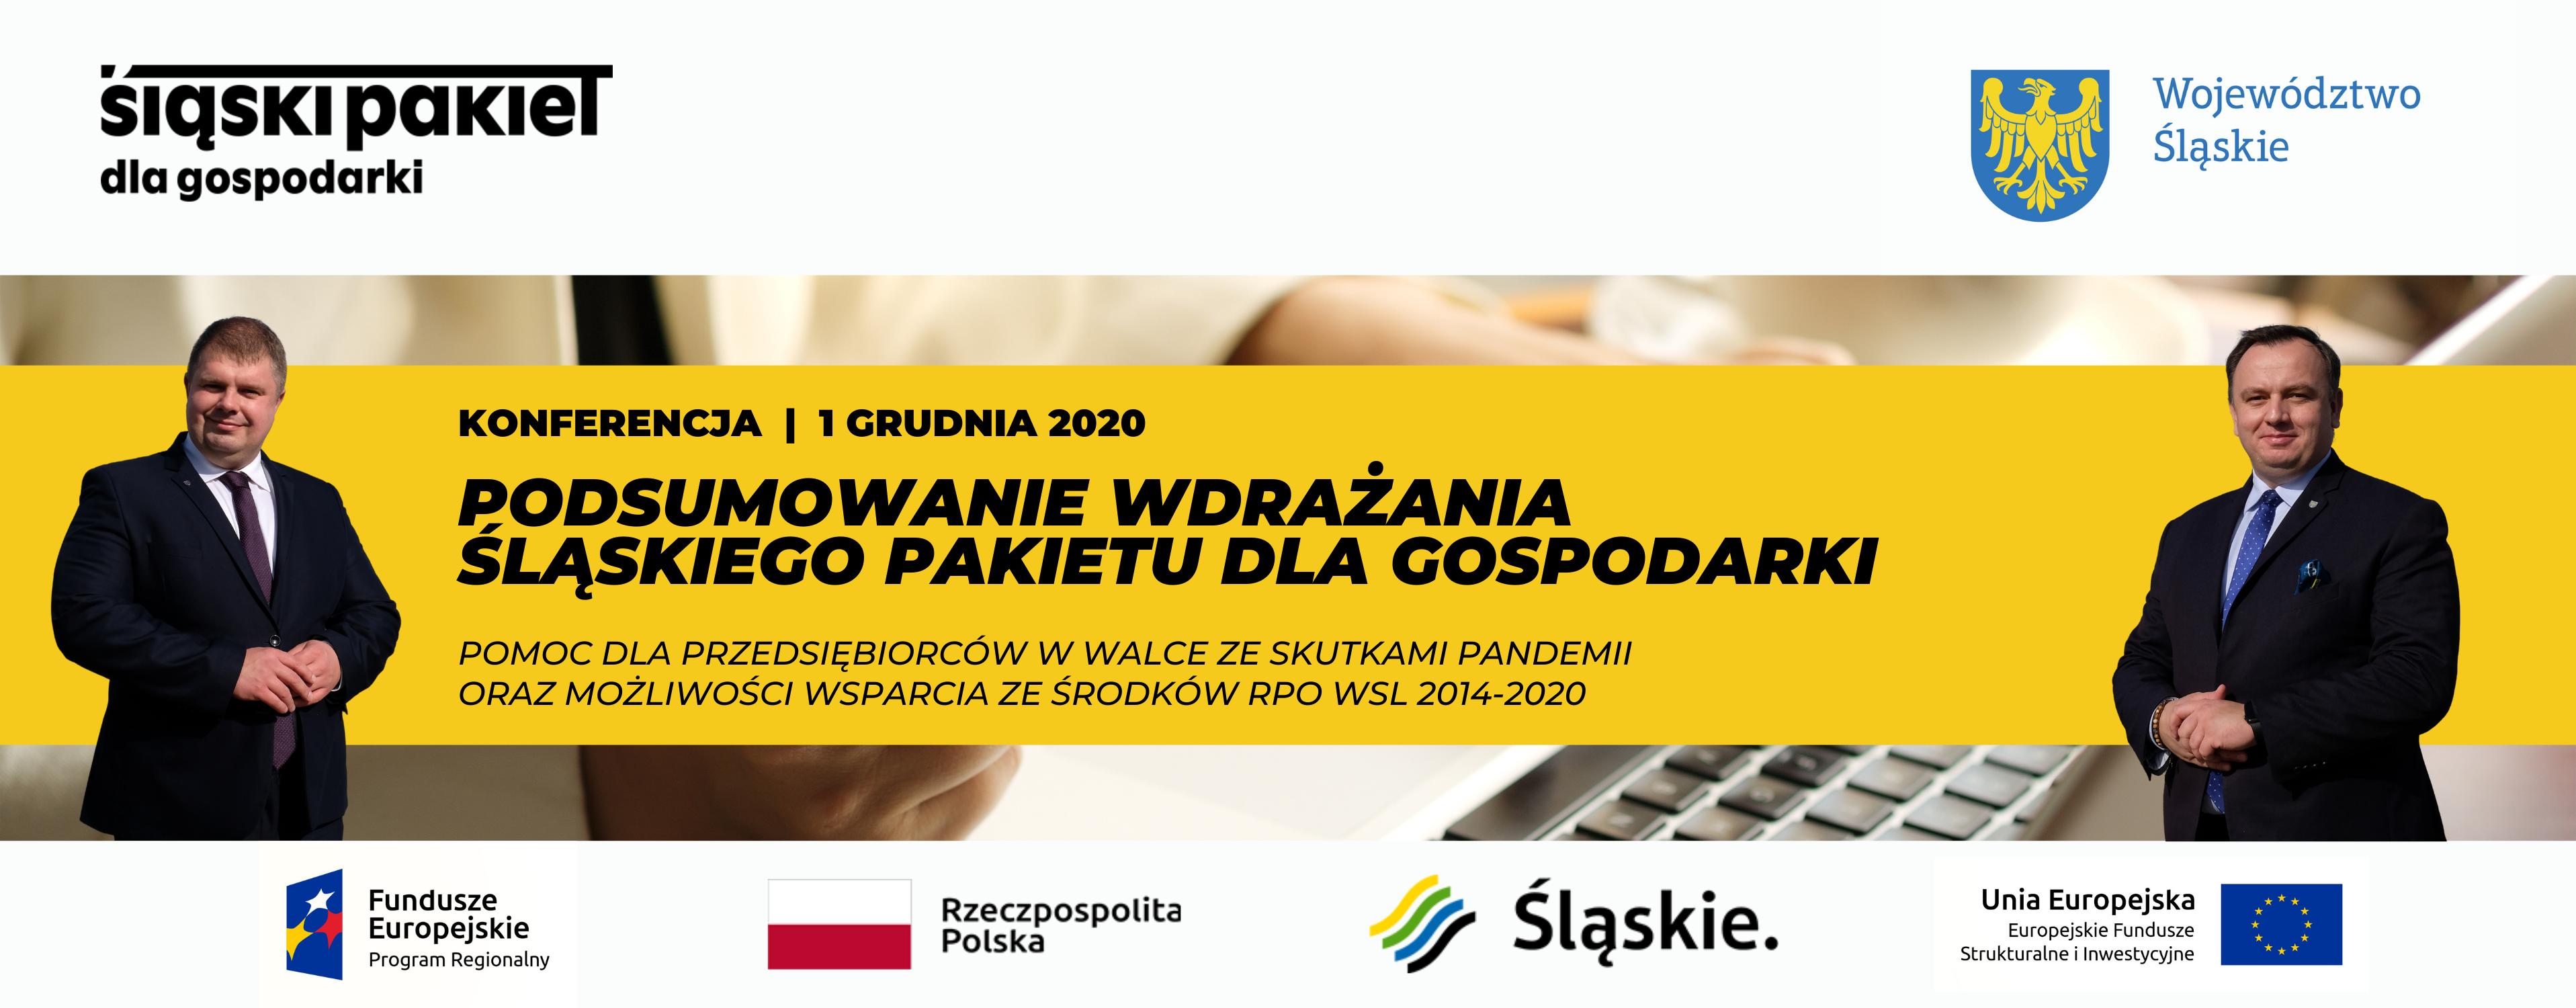 Na żywo - relacja z konferencji podsumowującej wdrażanie Śląskiego Pakietu dla Gospodarki - 1 grudnia 2020 r.